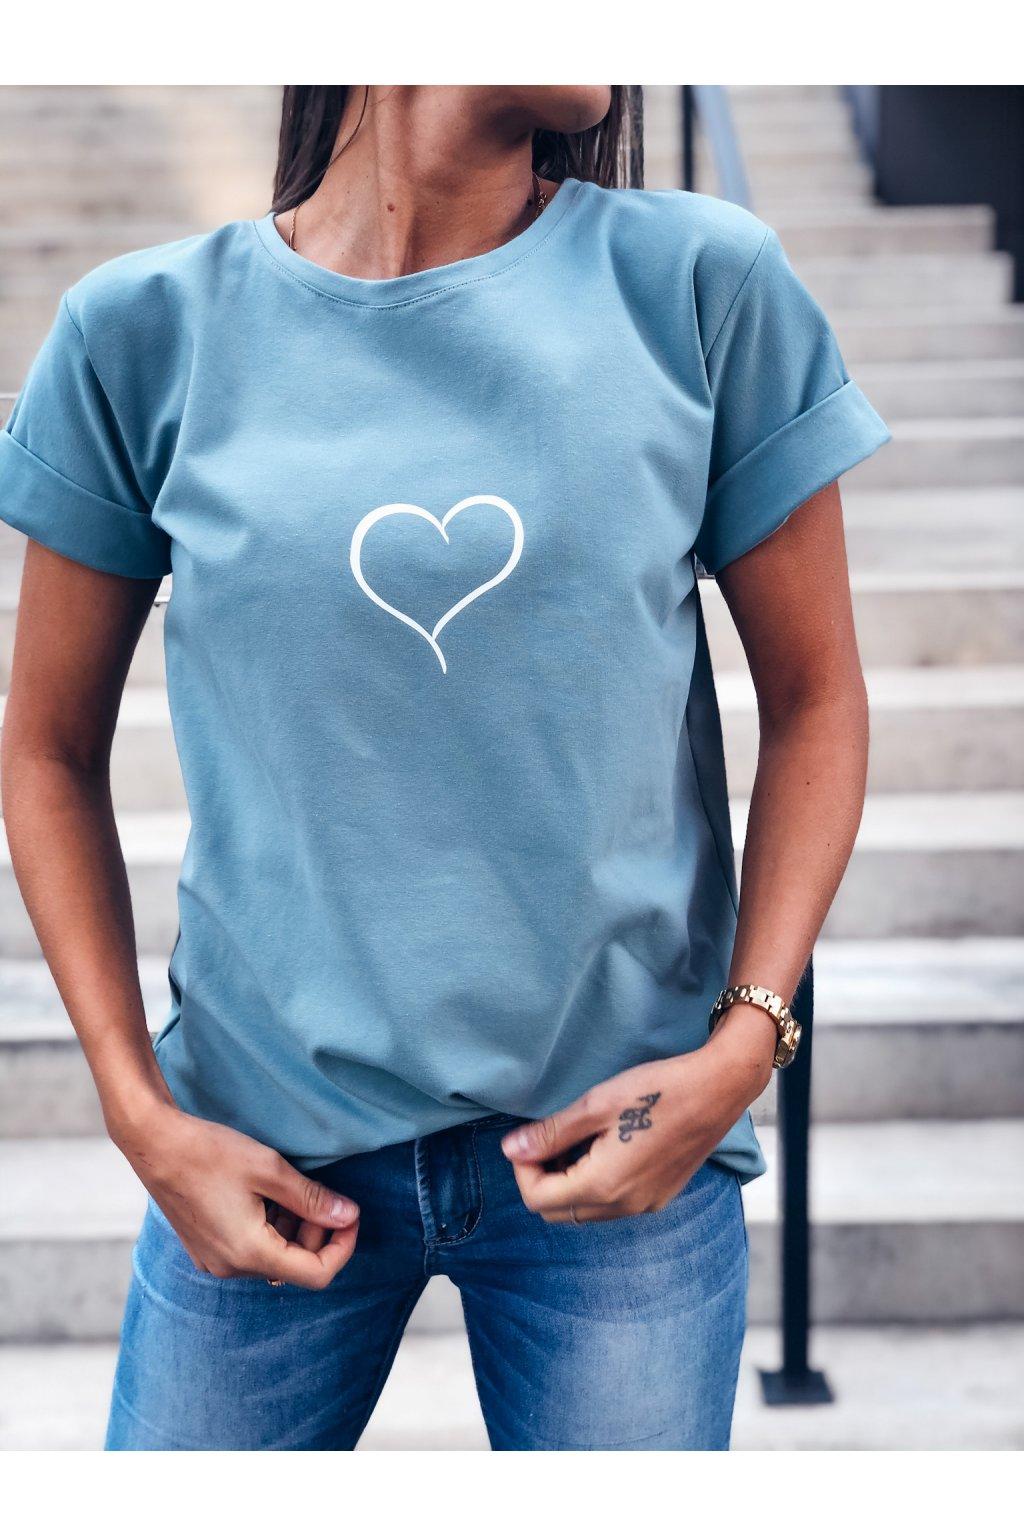 damske tricko heart pale blue eshopat cz 1